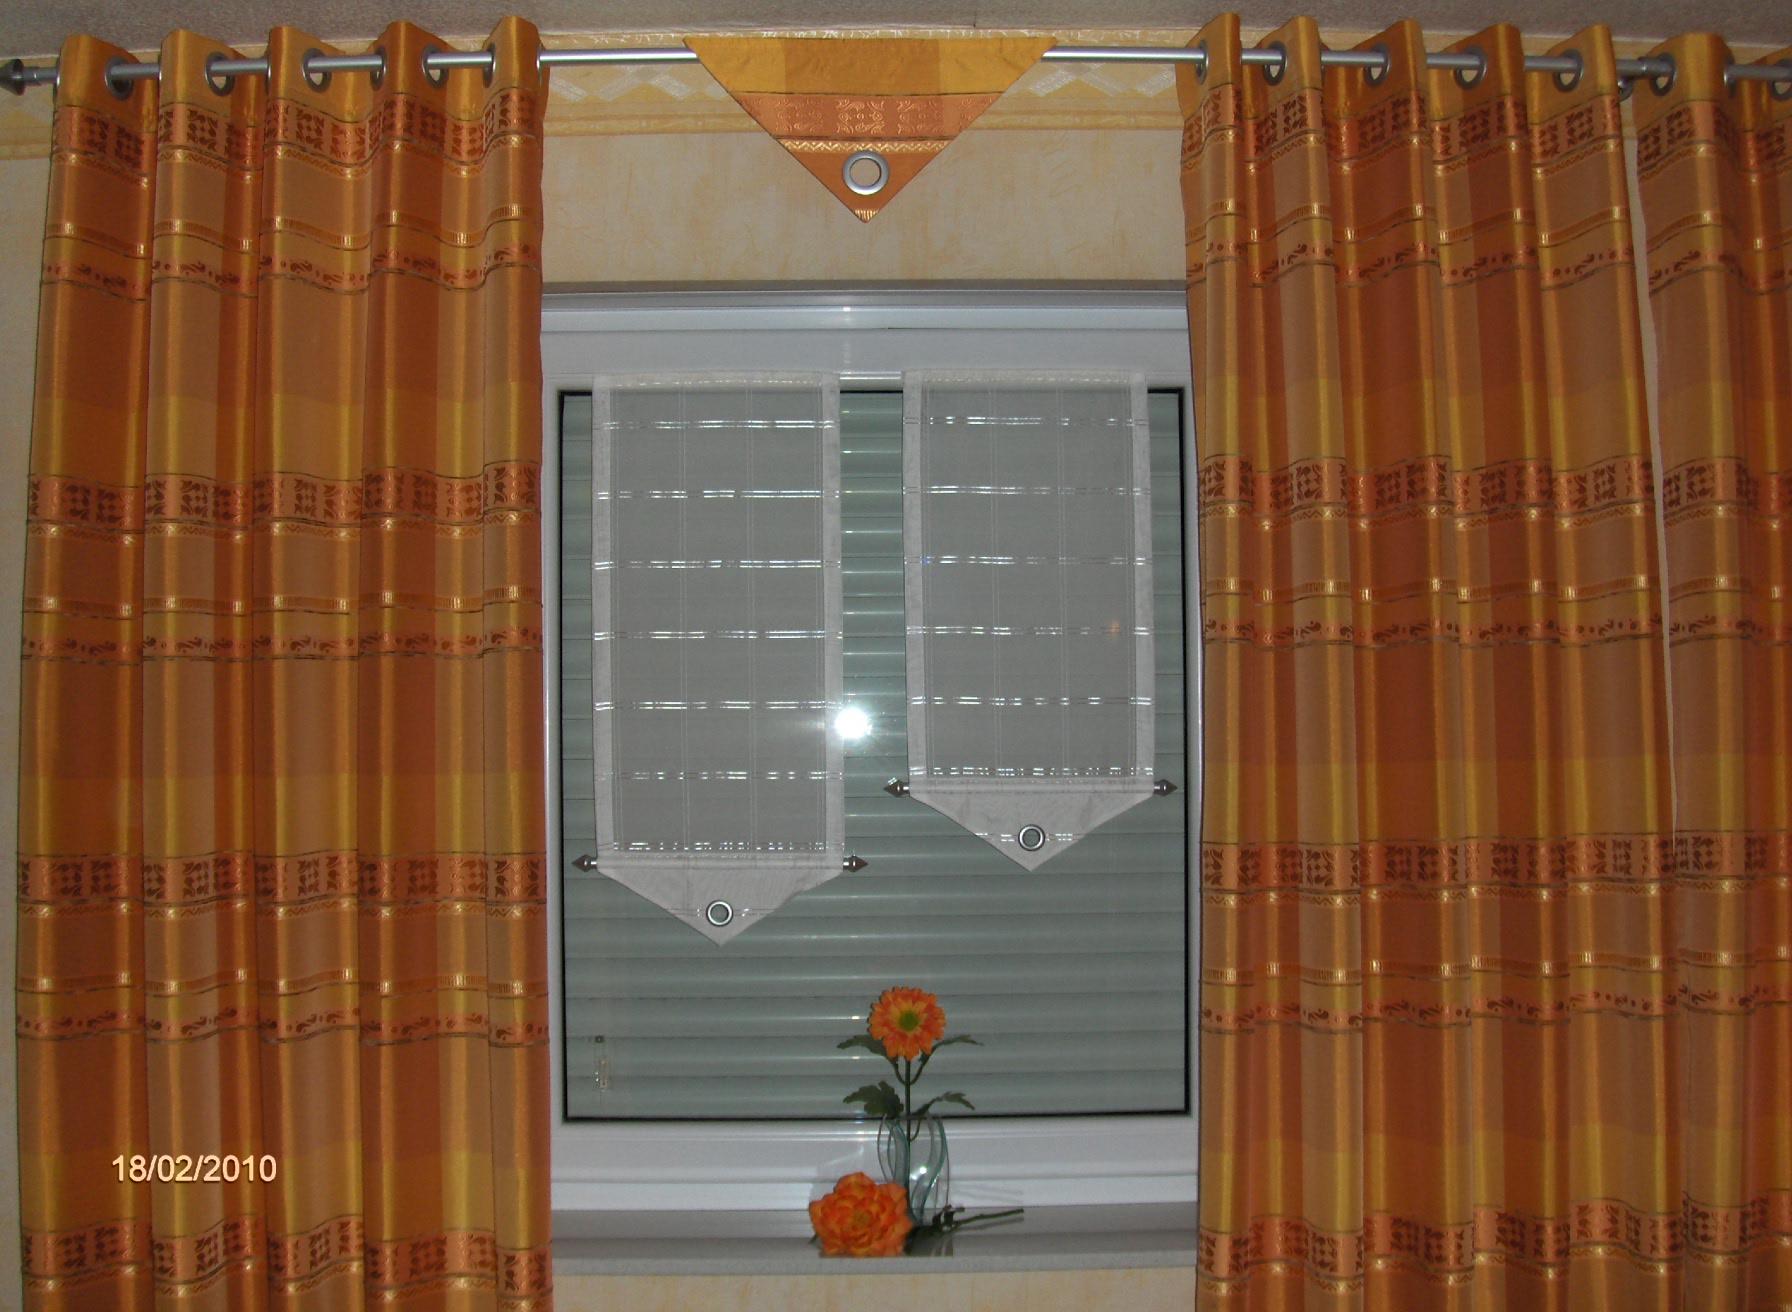 autoaufbereitung pkw busse gel ndewagen wohnmobile wohnwagen zubeh r in cloppenburg kfz. Black Bedroom Furniture Sets. Home Design Ideas